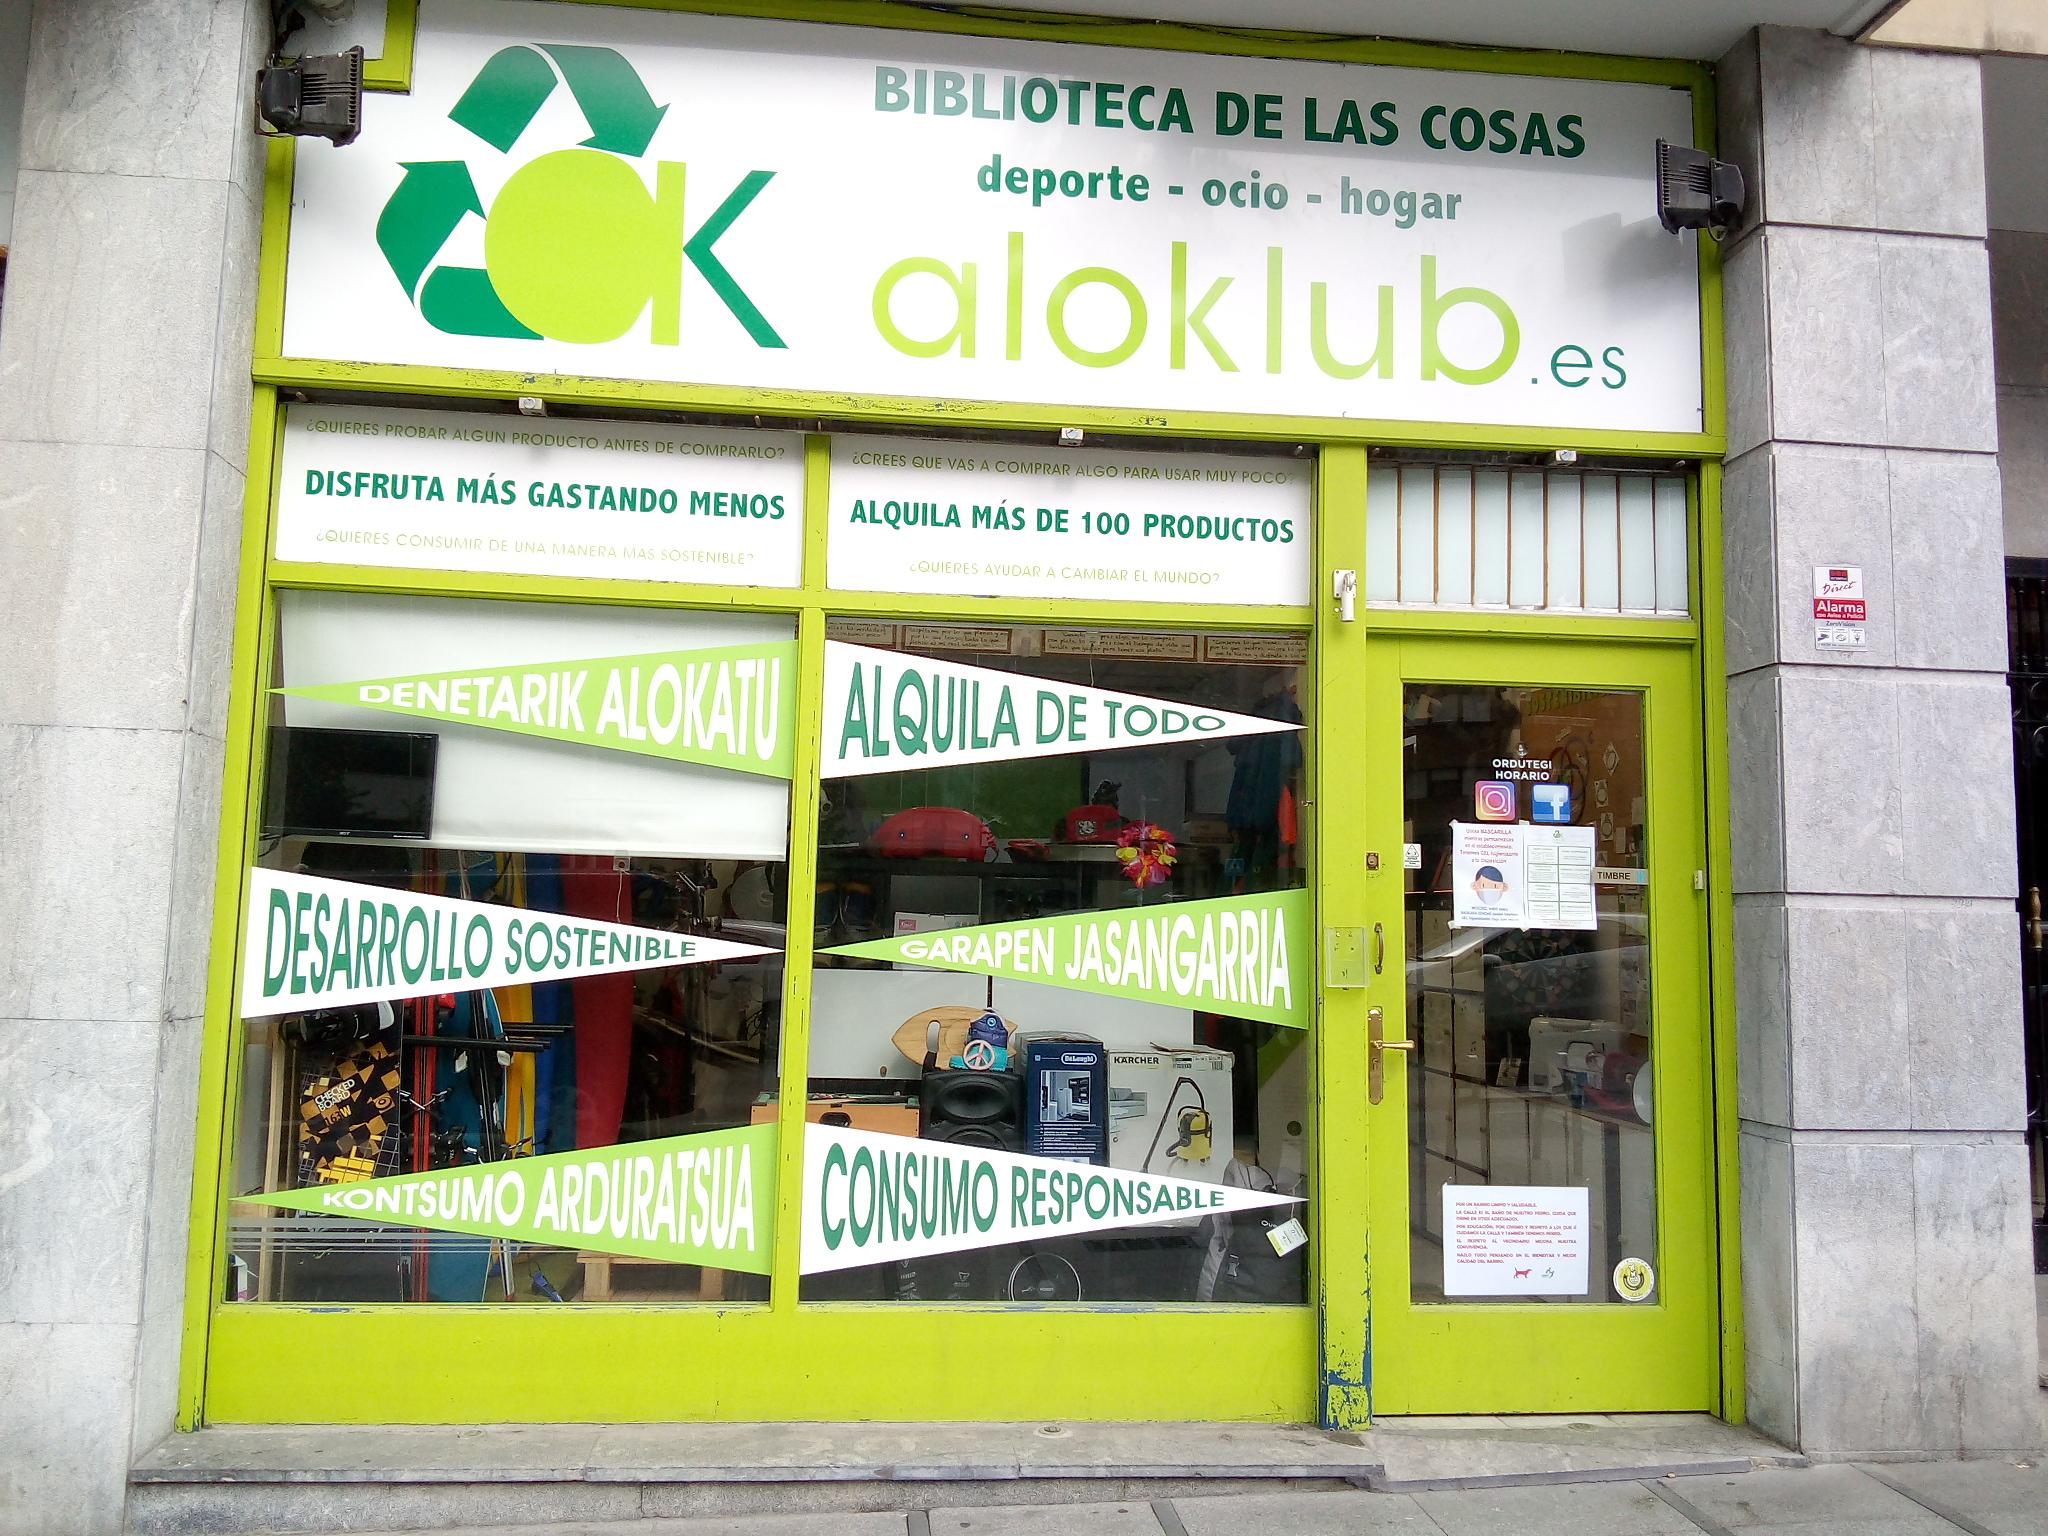 Aloklub es más que un sitio de alquiler, tiene el espíritu de la economía circular.